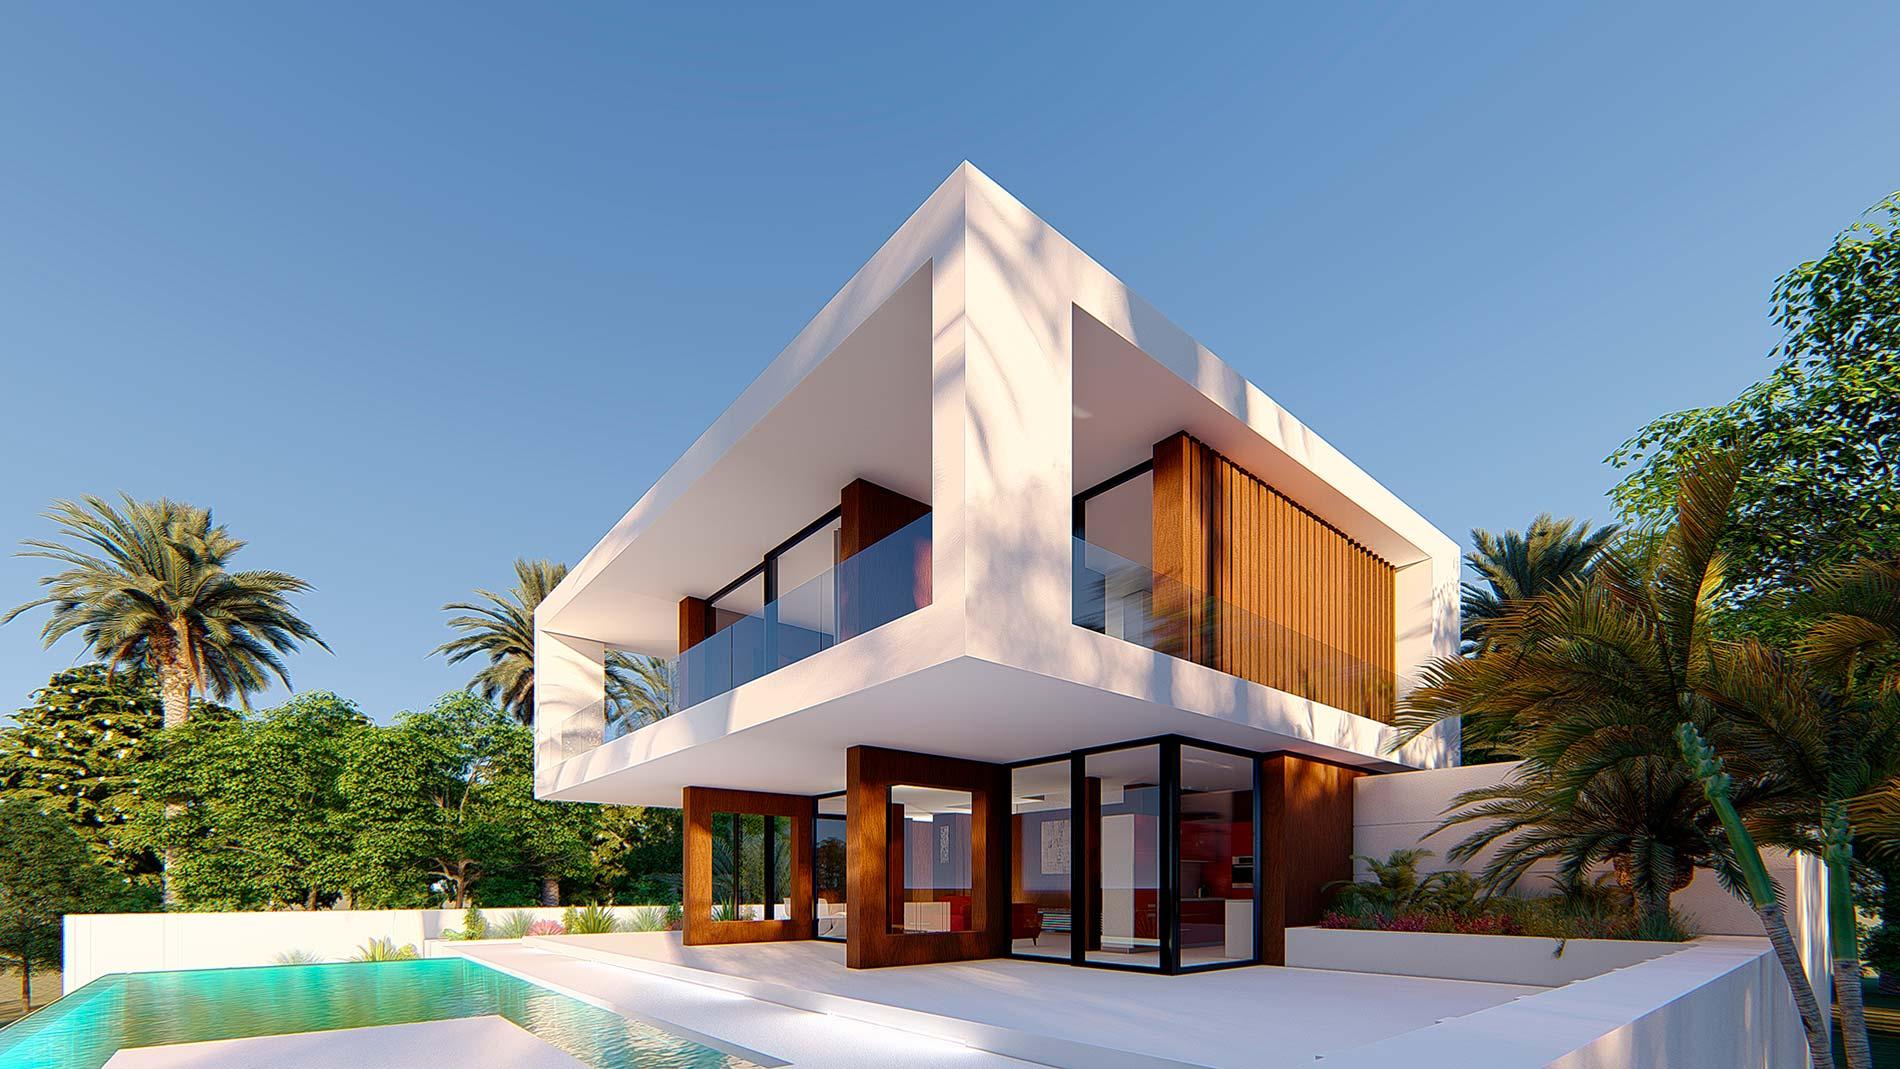 Valle-Romano-26-Side-facade.jpg